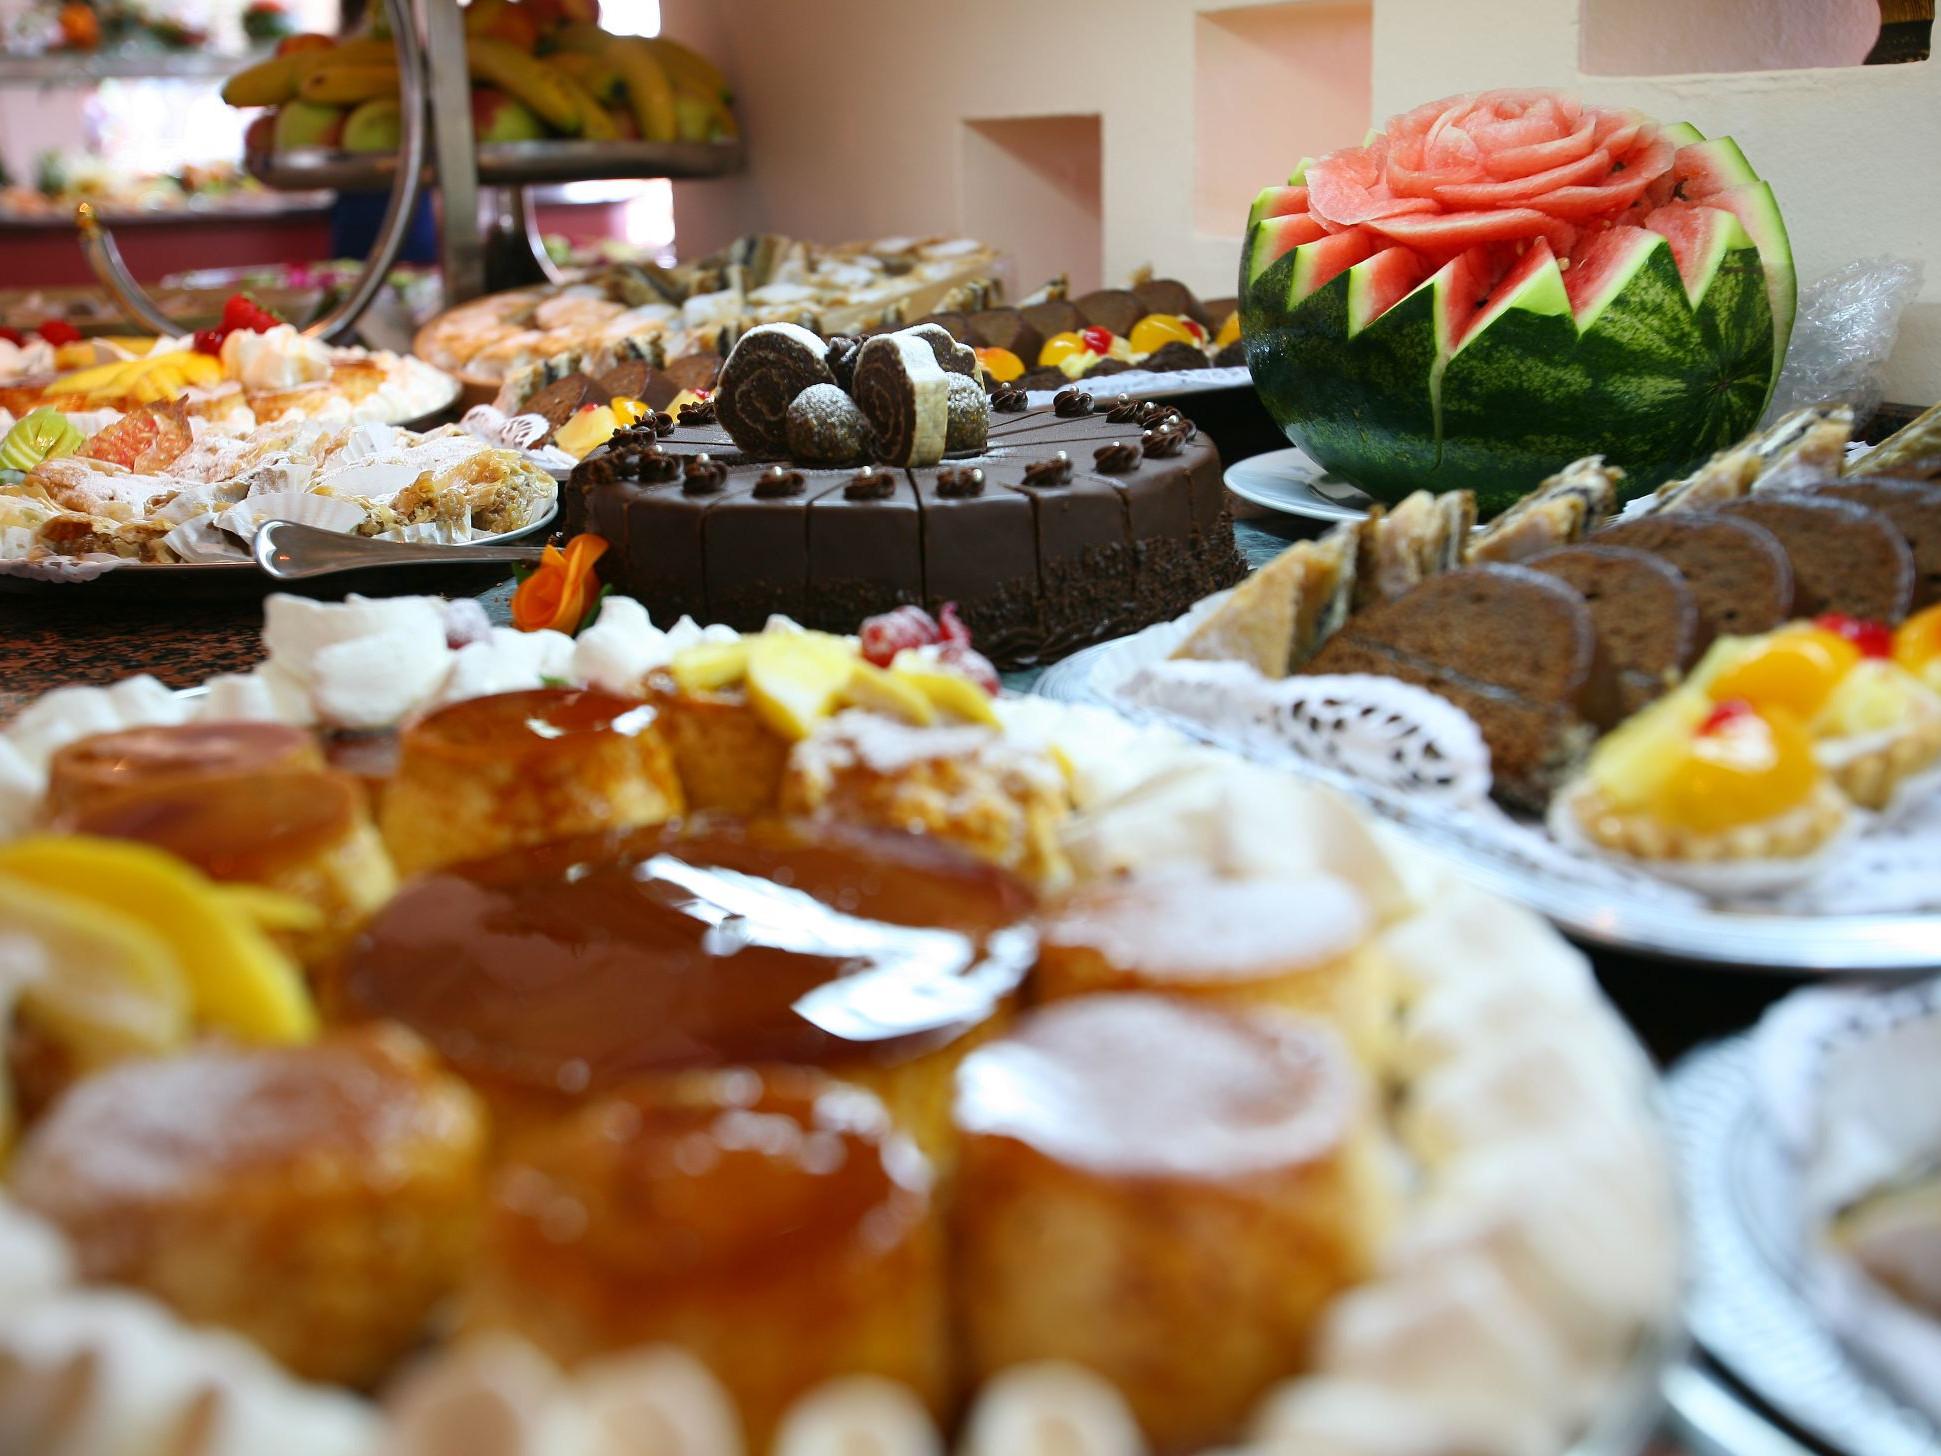 food 15 14639857067 o uai - Zora Hotel